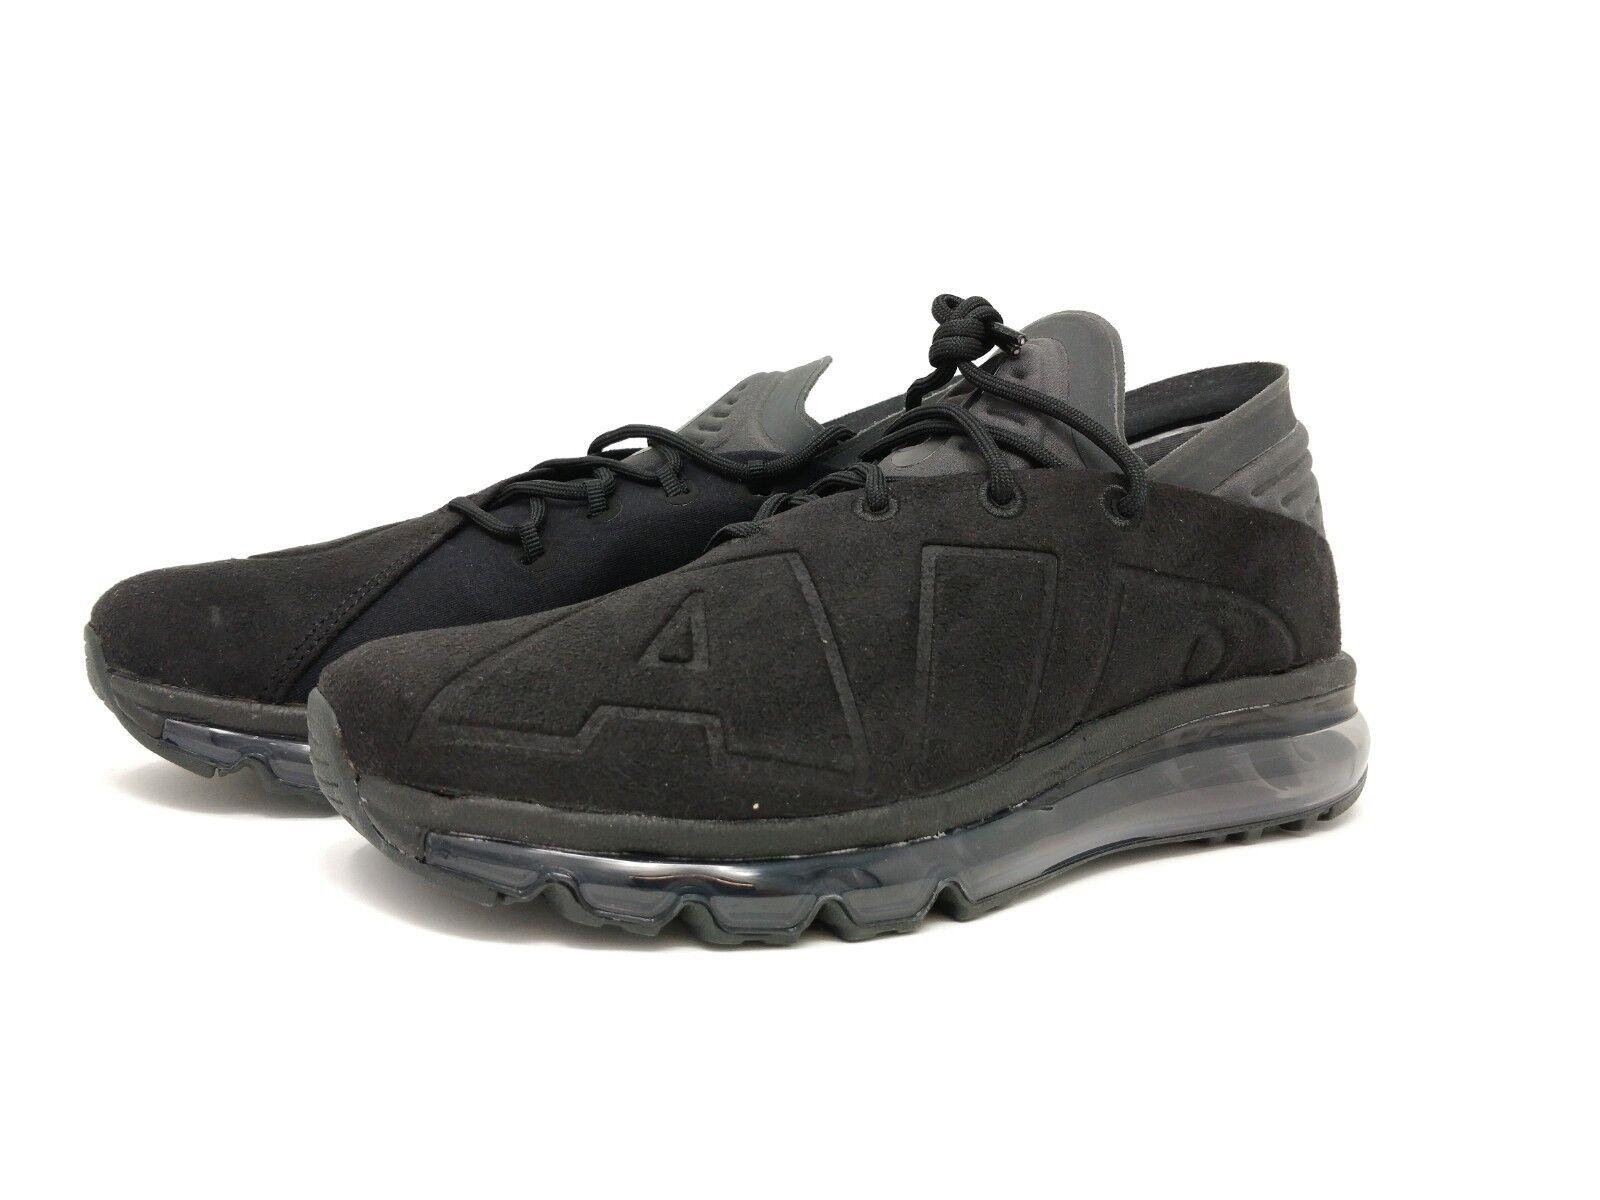 New Hommes Max Nike Air Max Hommes Flair Baskets UK taille 6   triple en daim noir 961d83